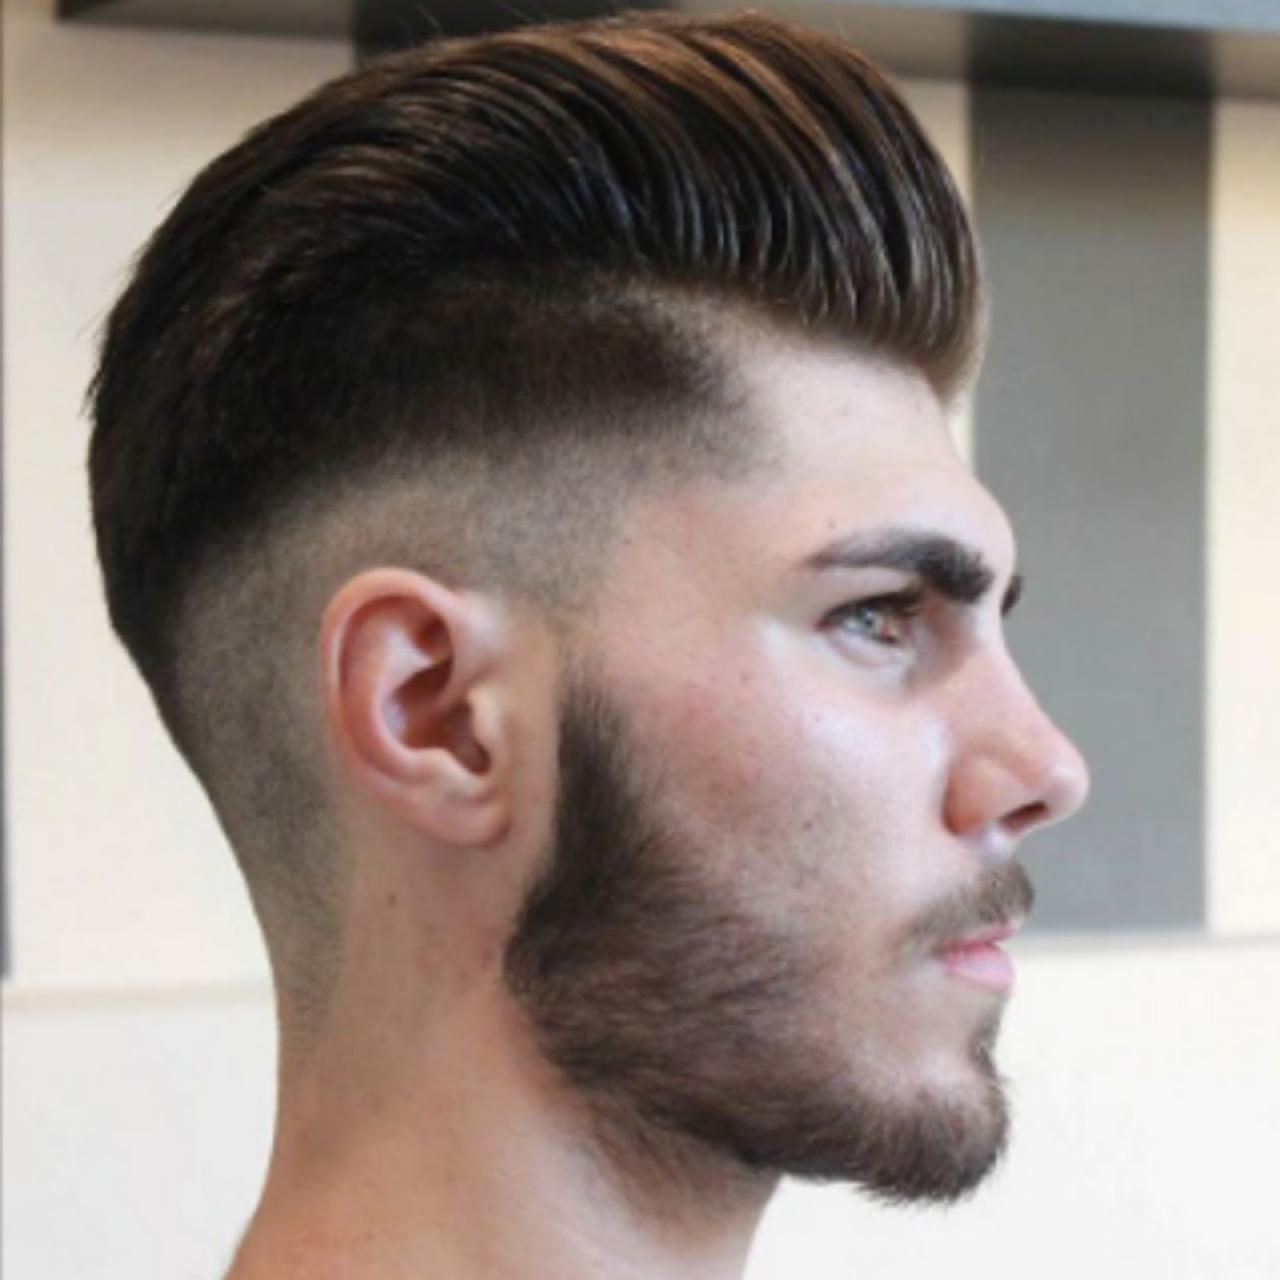 انواع قصات الشعر للرجال احلي صور تسريحات شعر للرجال ازاي